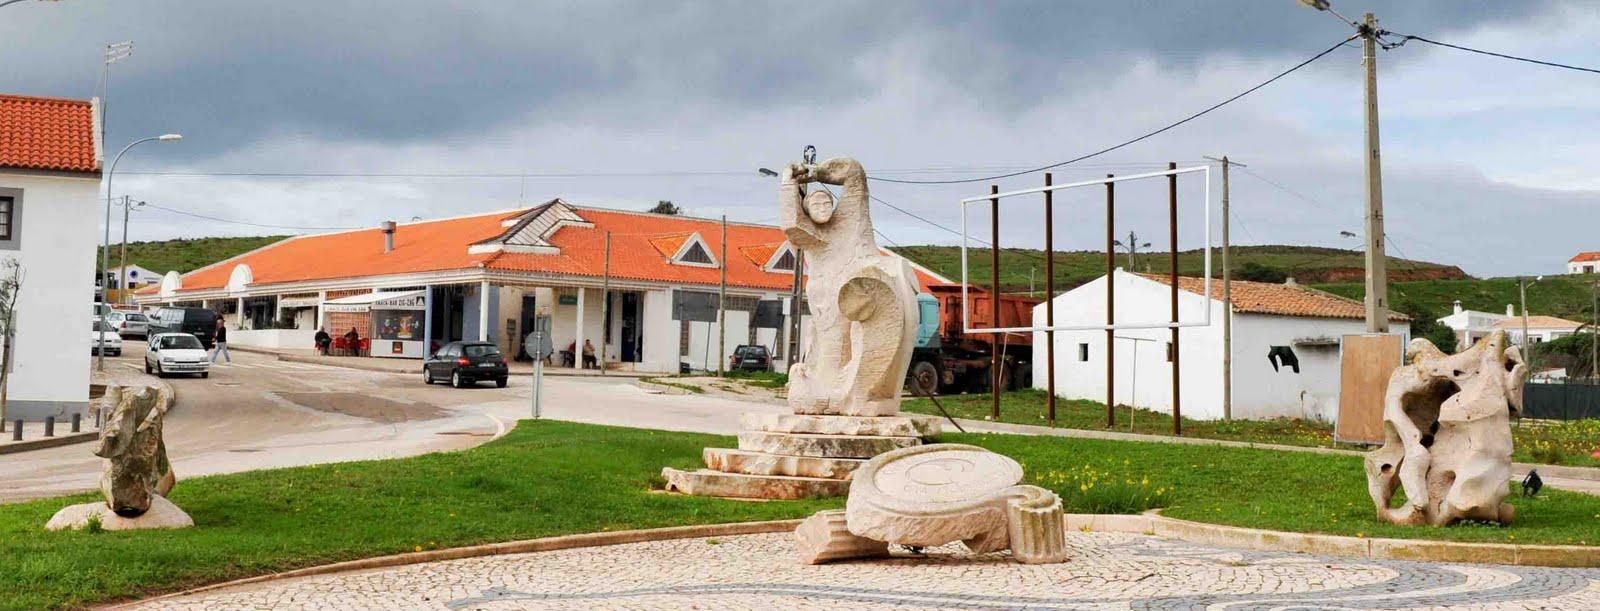 Monumento Homem do Mar